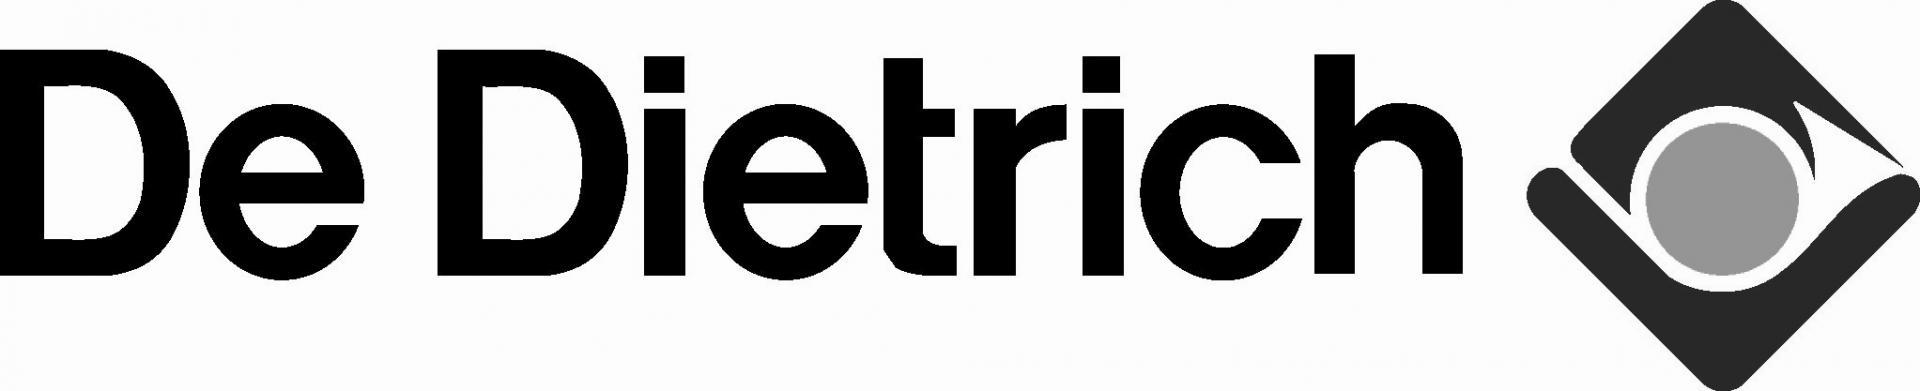 De dietrich logo b amp w